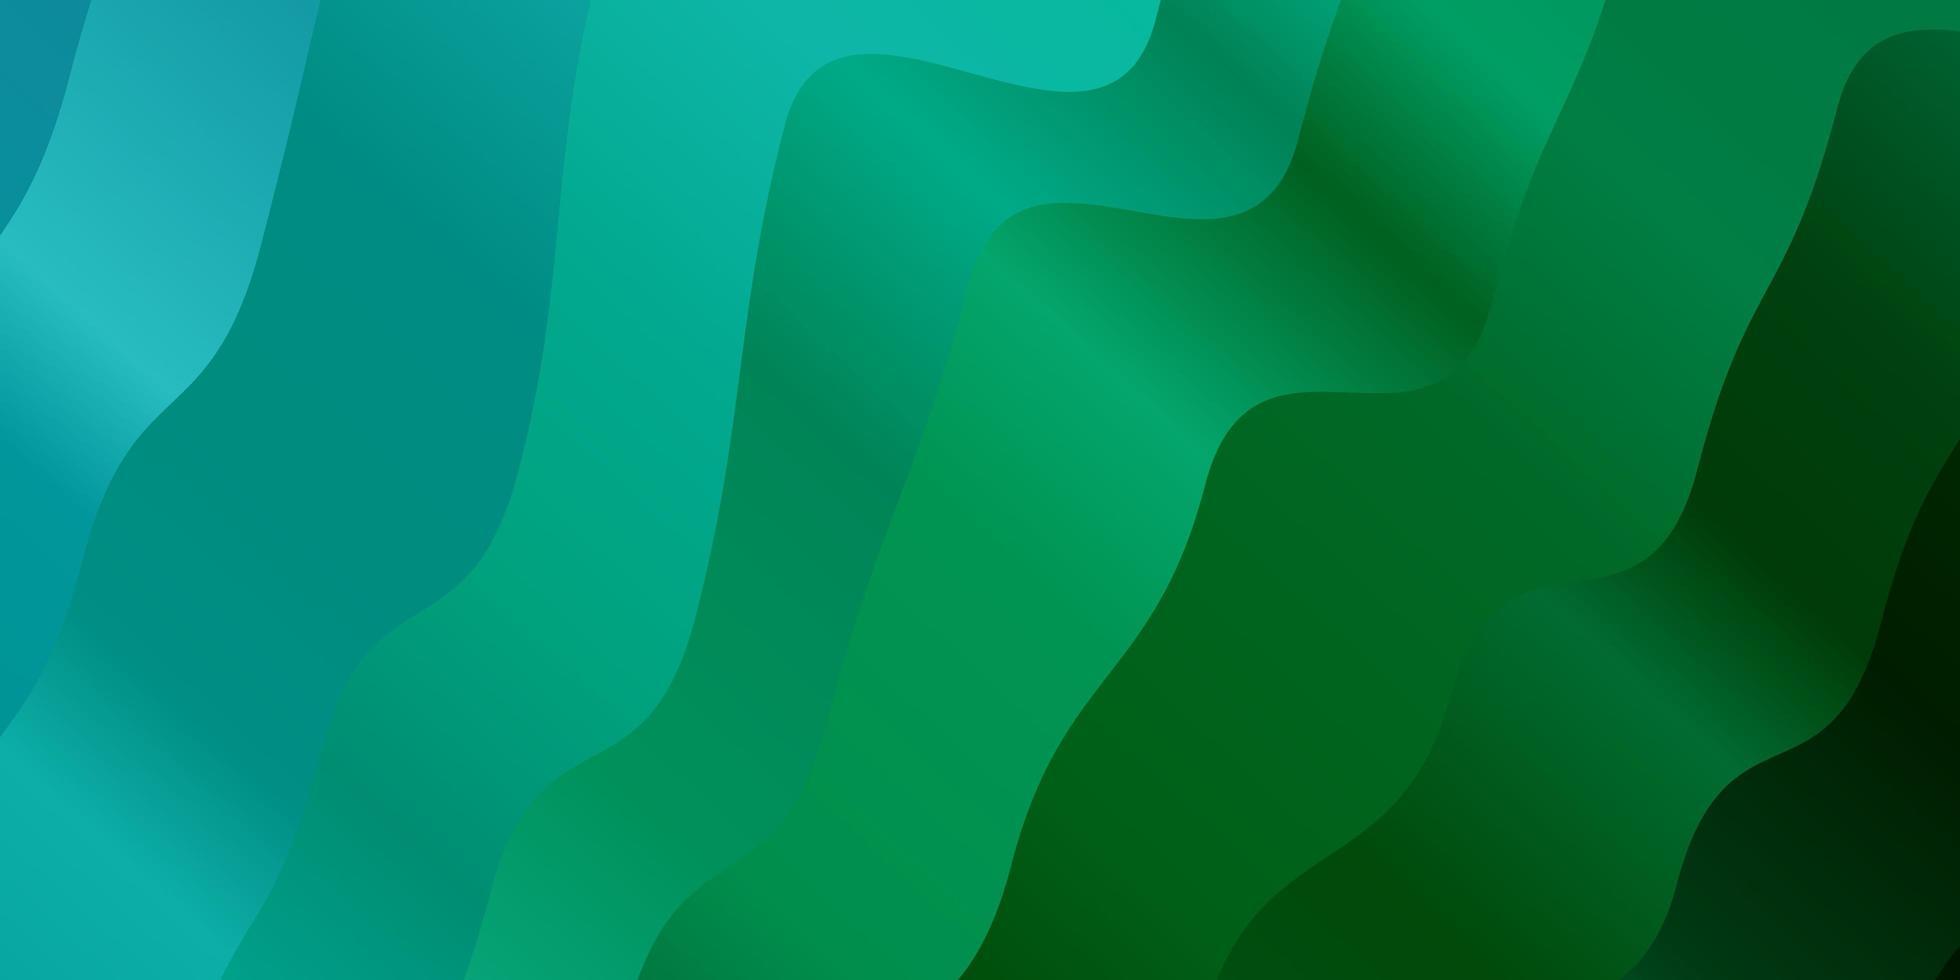 fundo verde claro com linhas irônicas. vetor